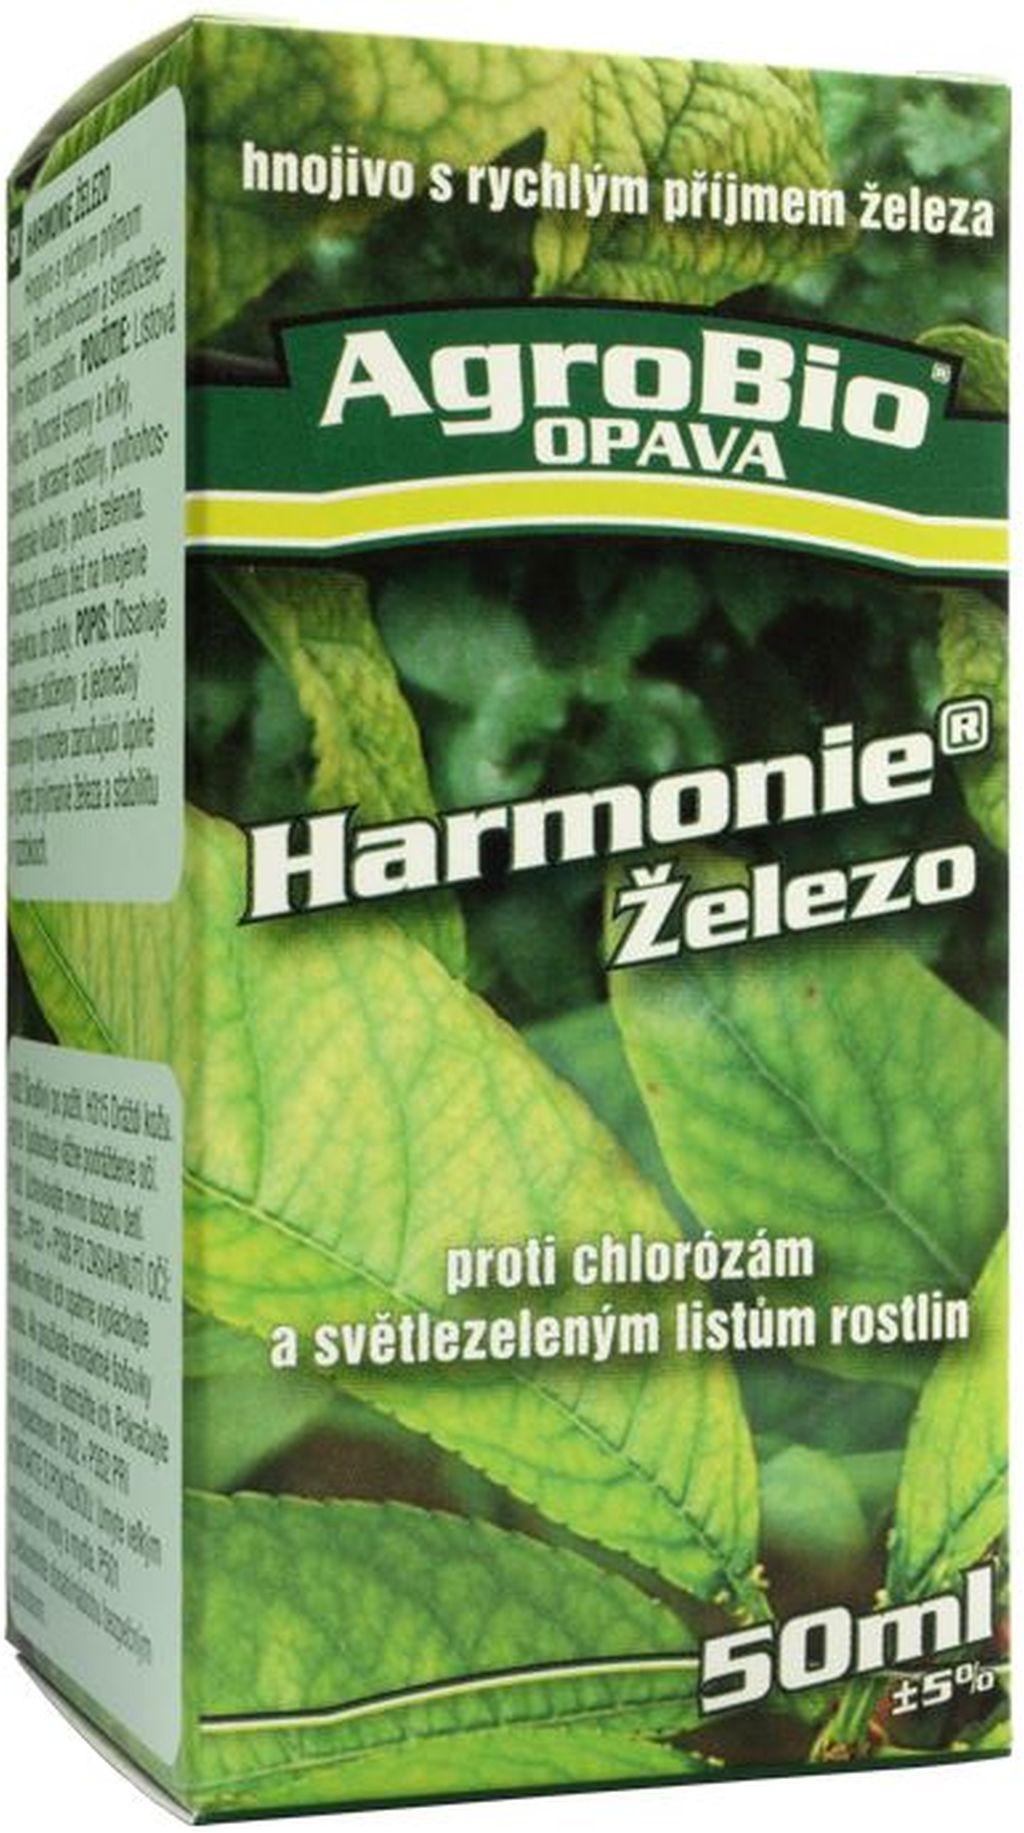 AgroBio HARMONIE Železo 50 ml